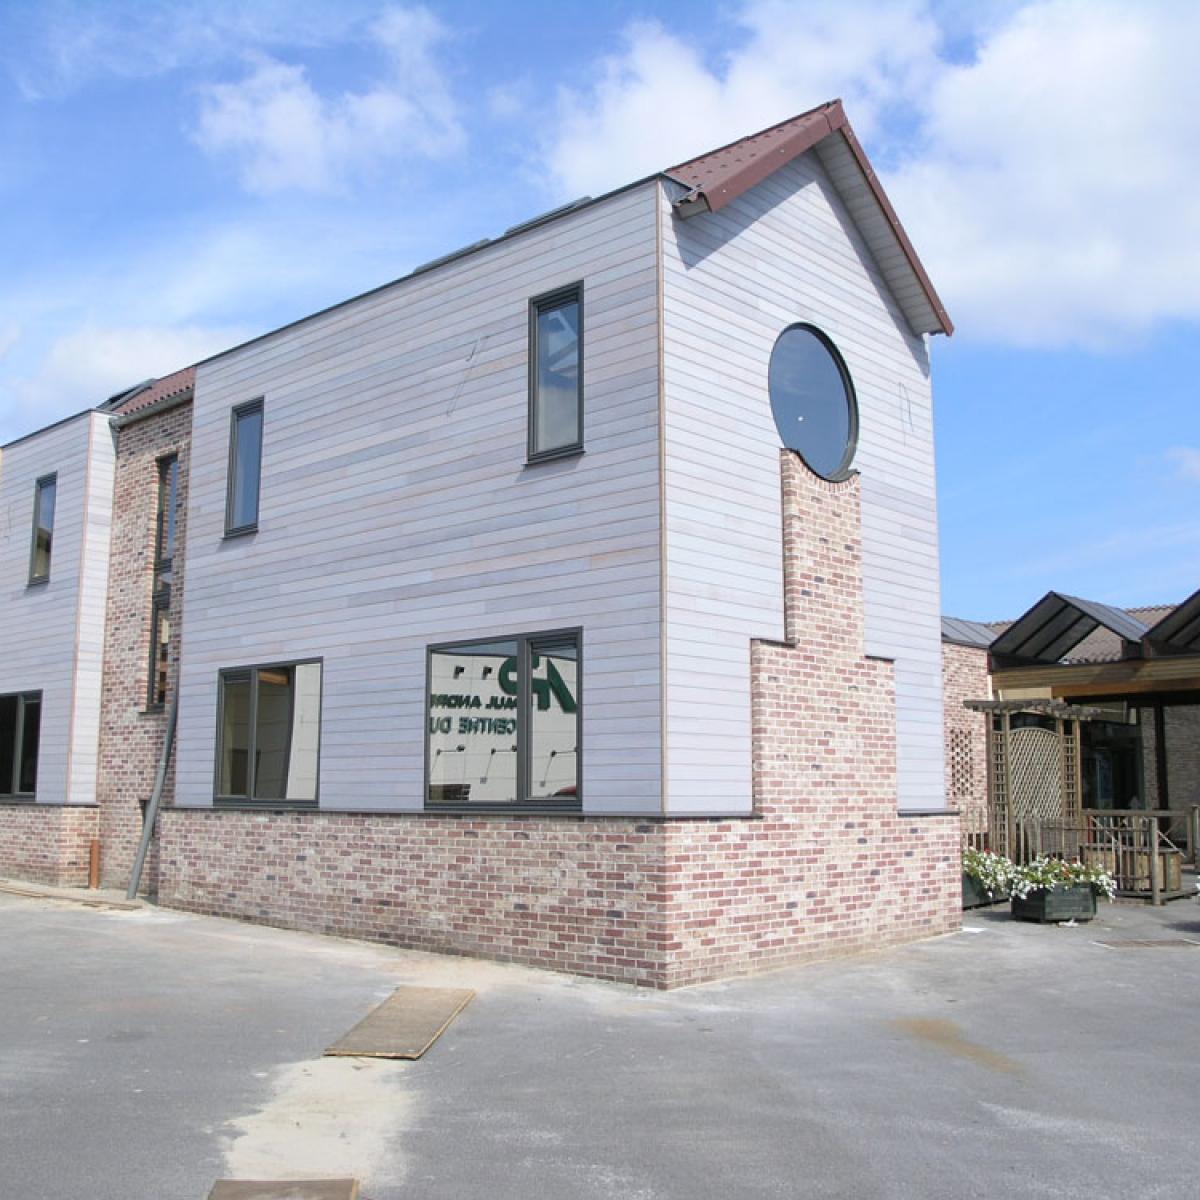 création extension de maison avec charpente en bois en belgique de bonne qualité